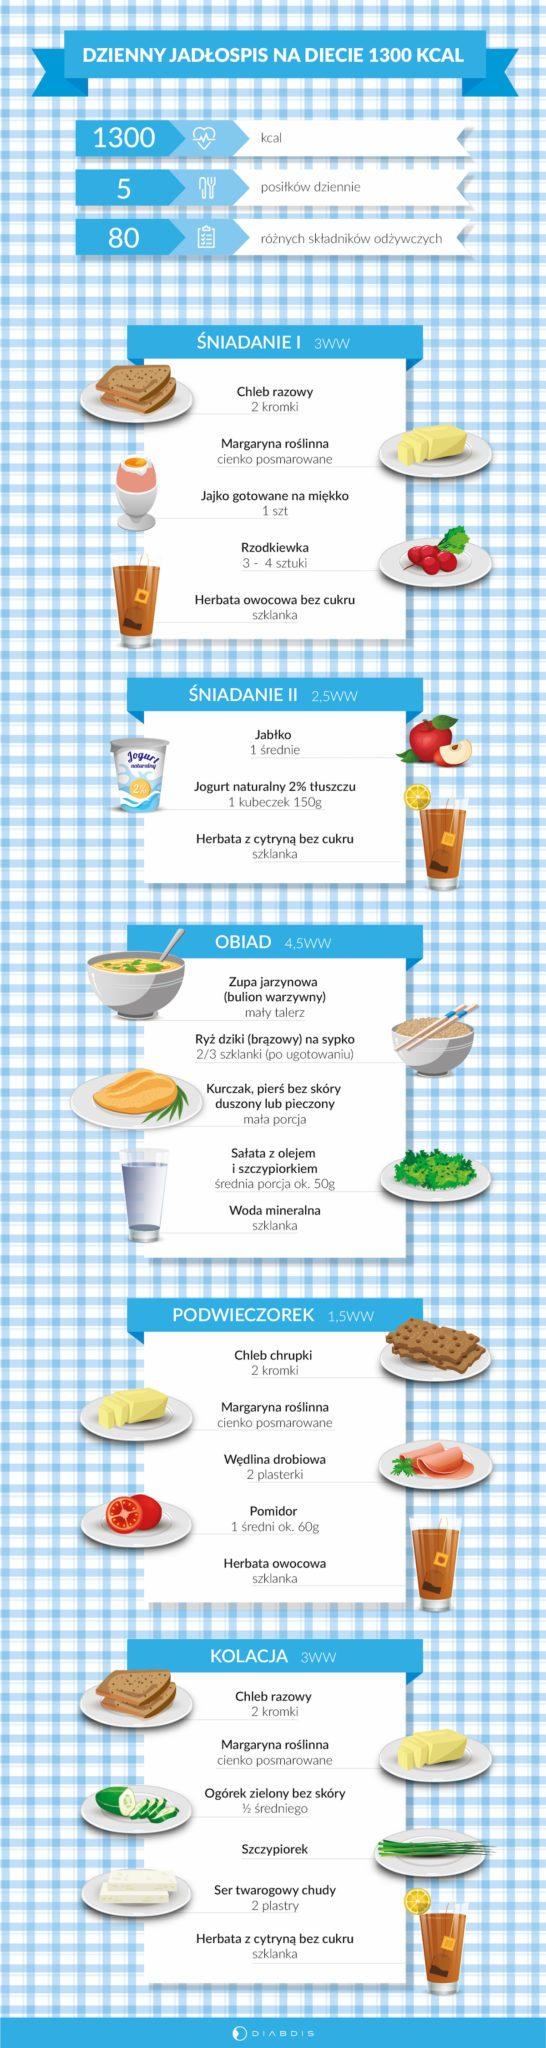 Dieta Przy Cukrzycy Health Food Dieta